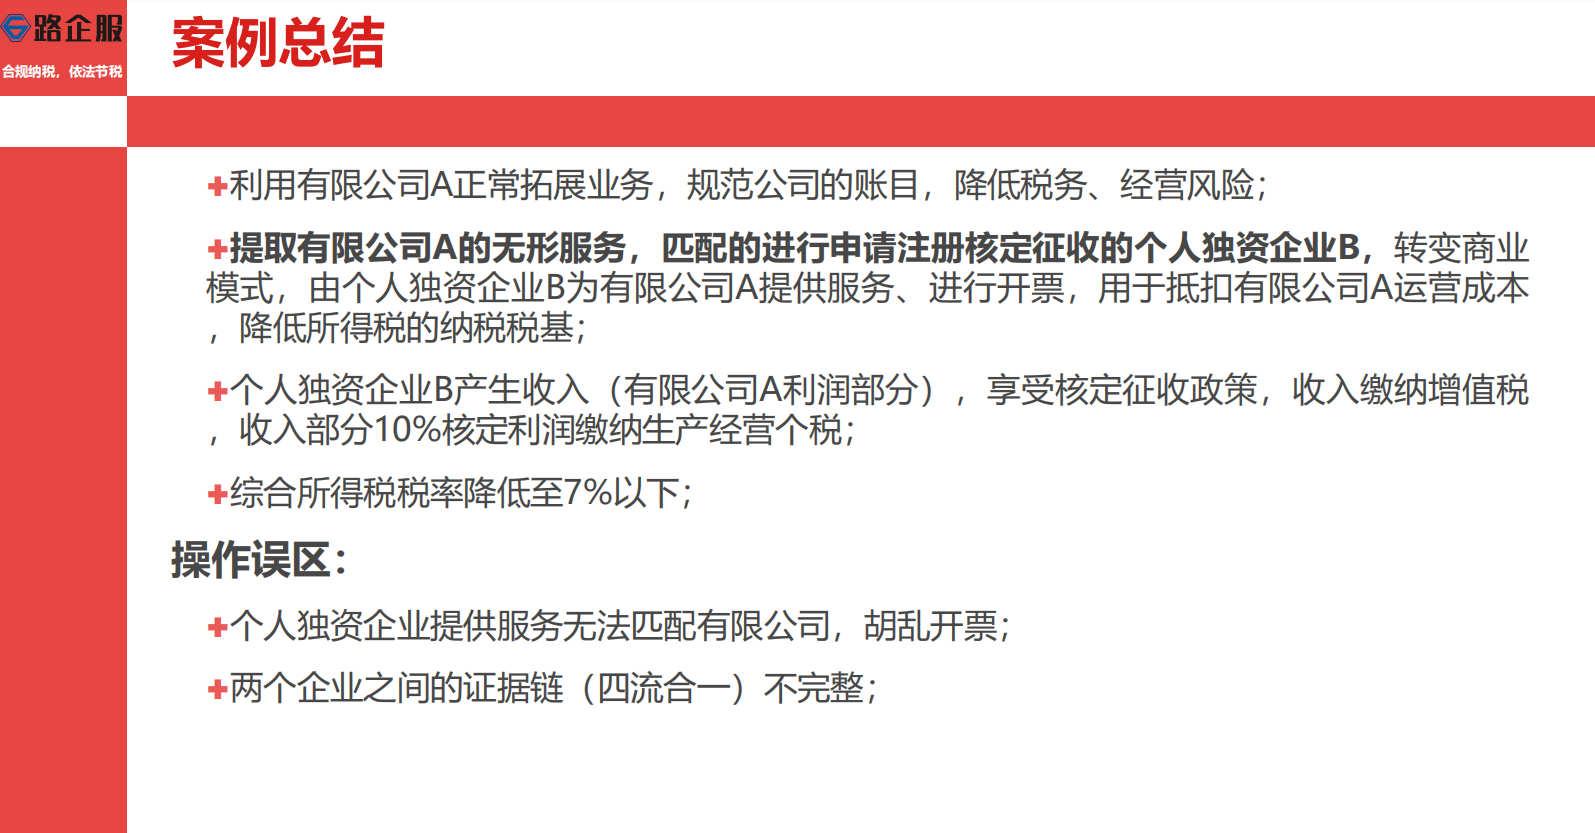 深圳无风险避税税收优惠政策,避税